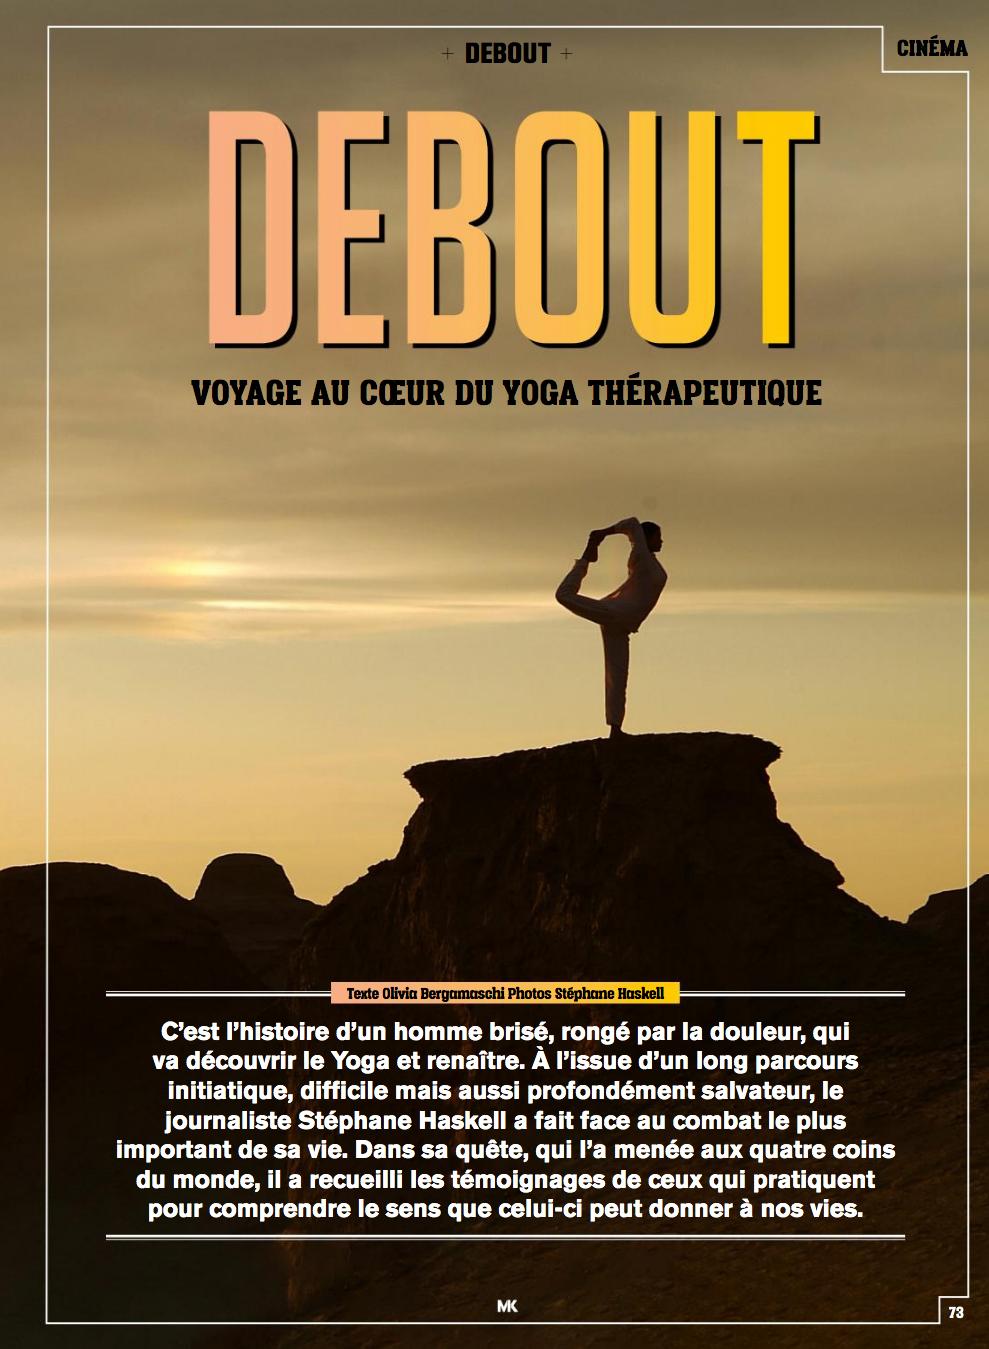 debout1.jpg